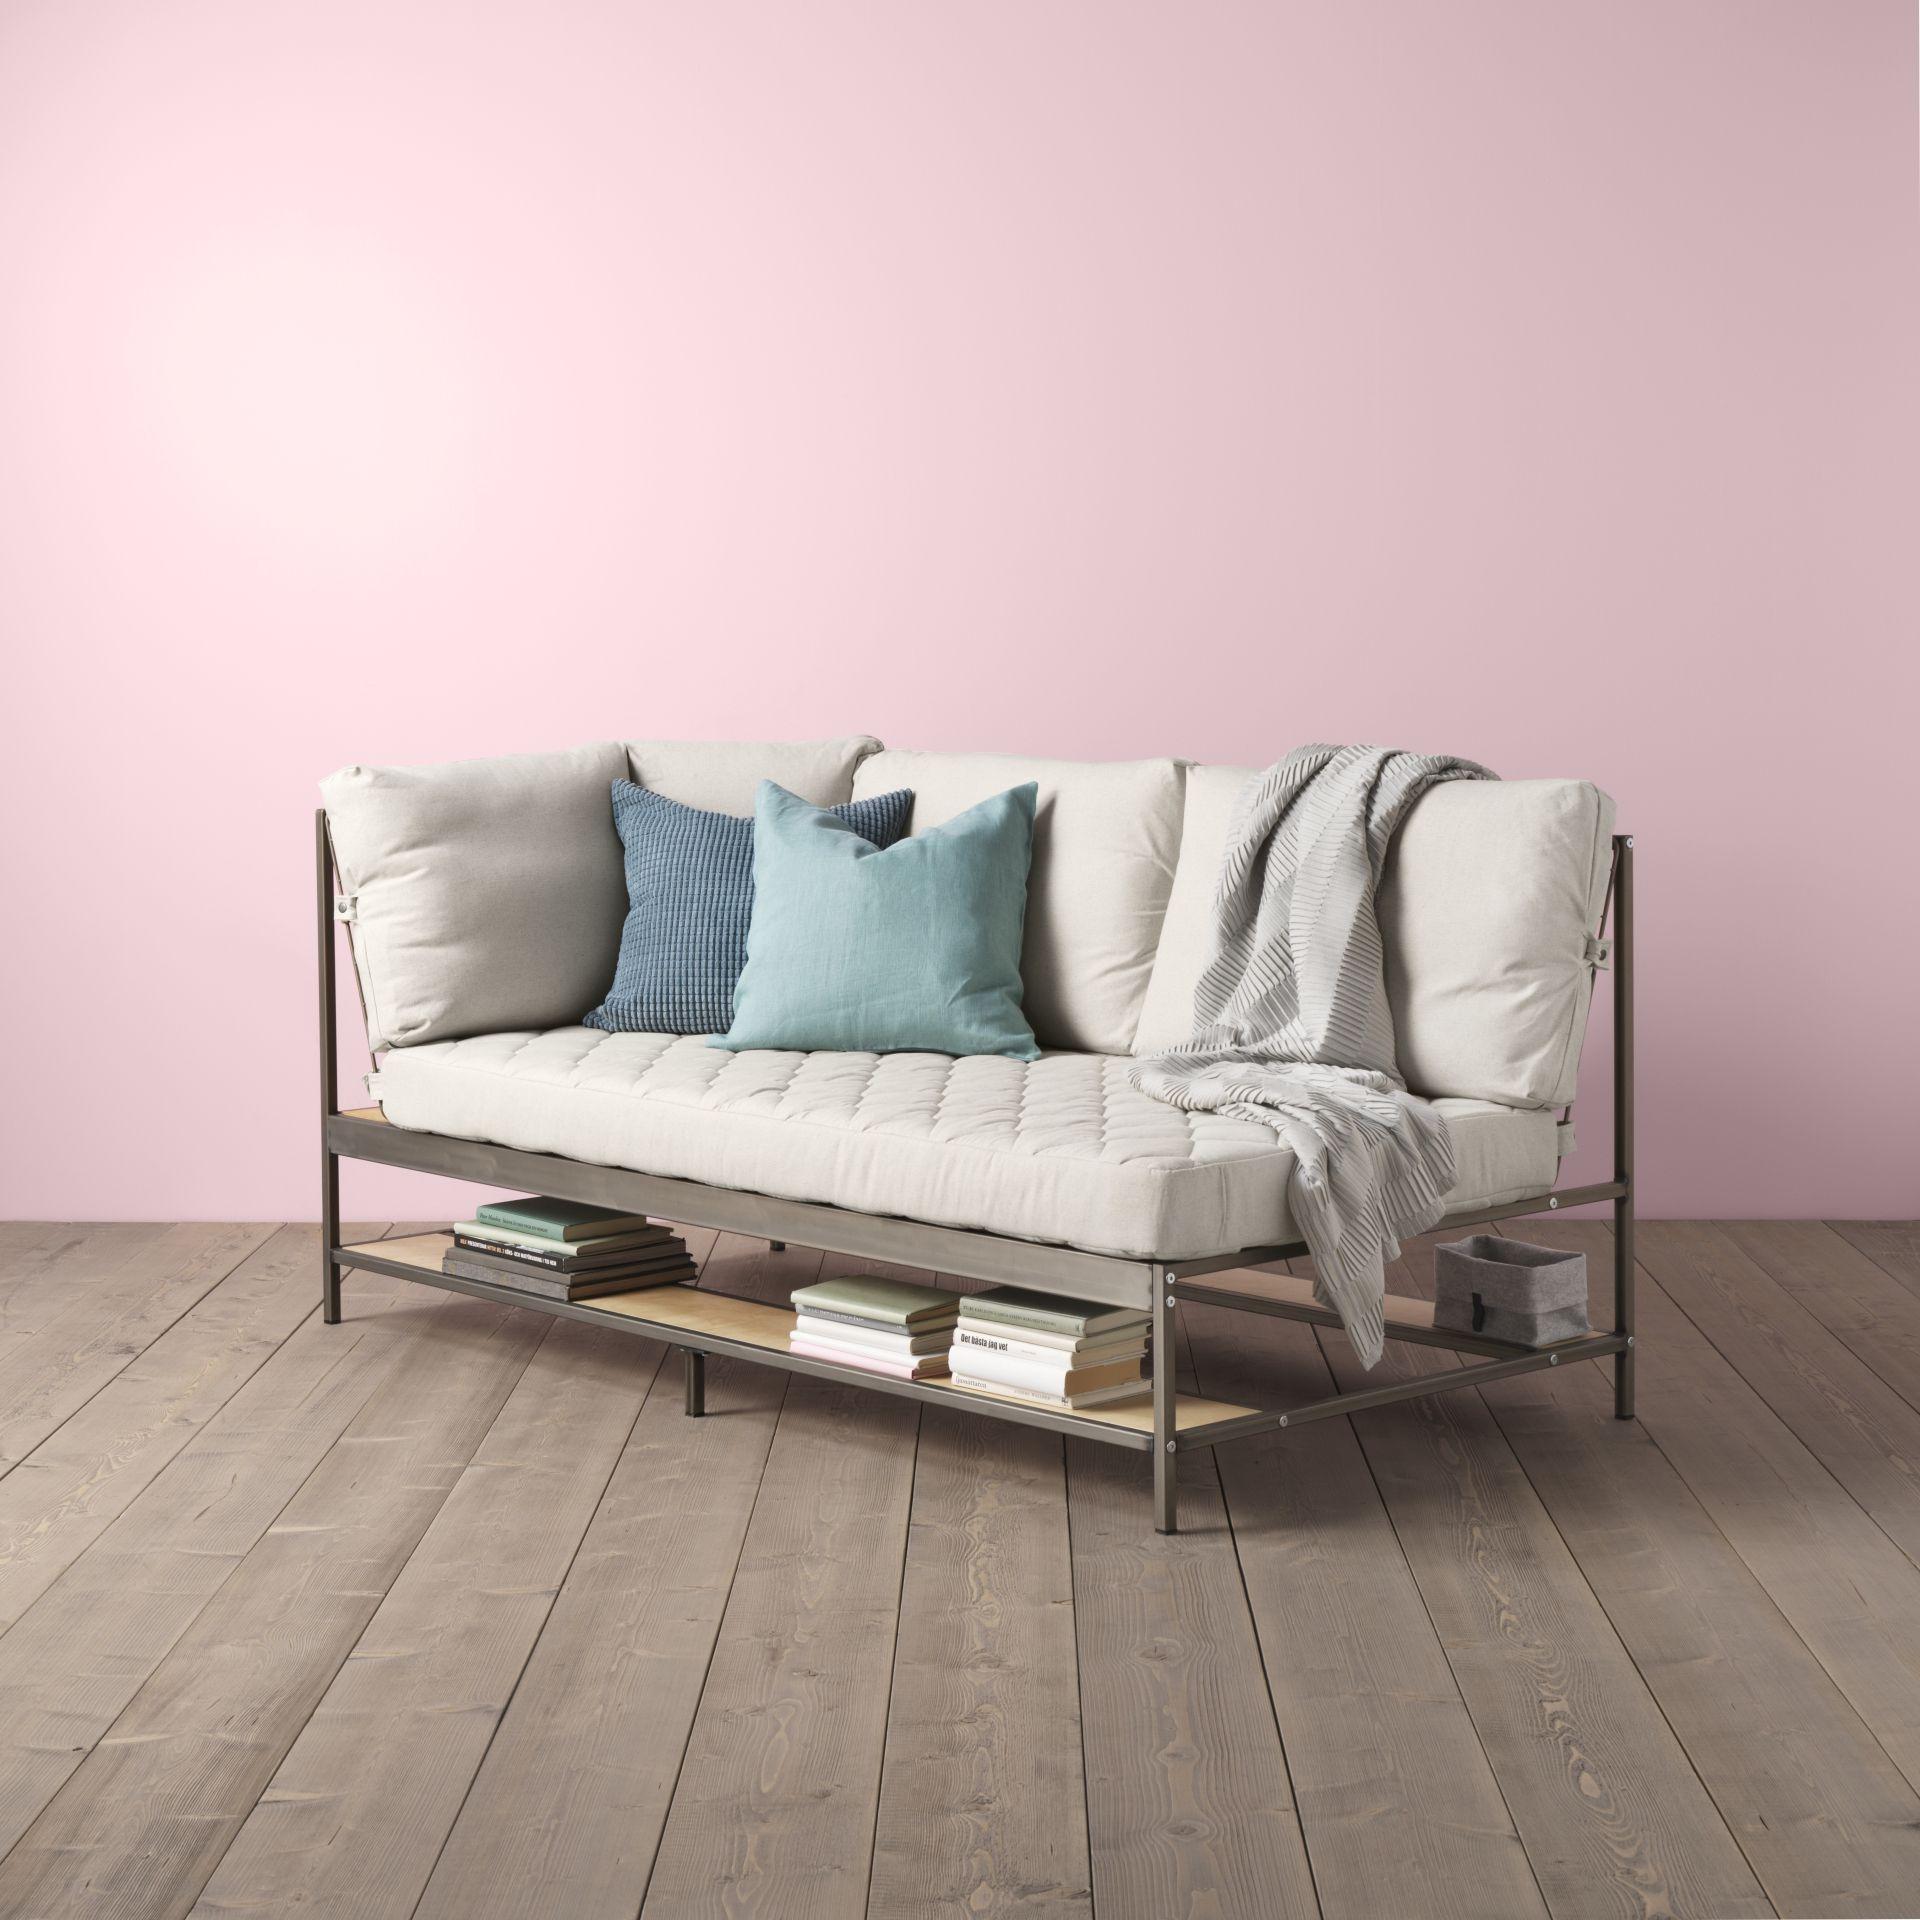 Bekend EKEBOL 3-zitsbank, Katorp naturel | int - Ikea couch, Ikea sofa en @IM49